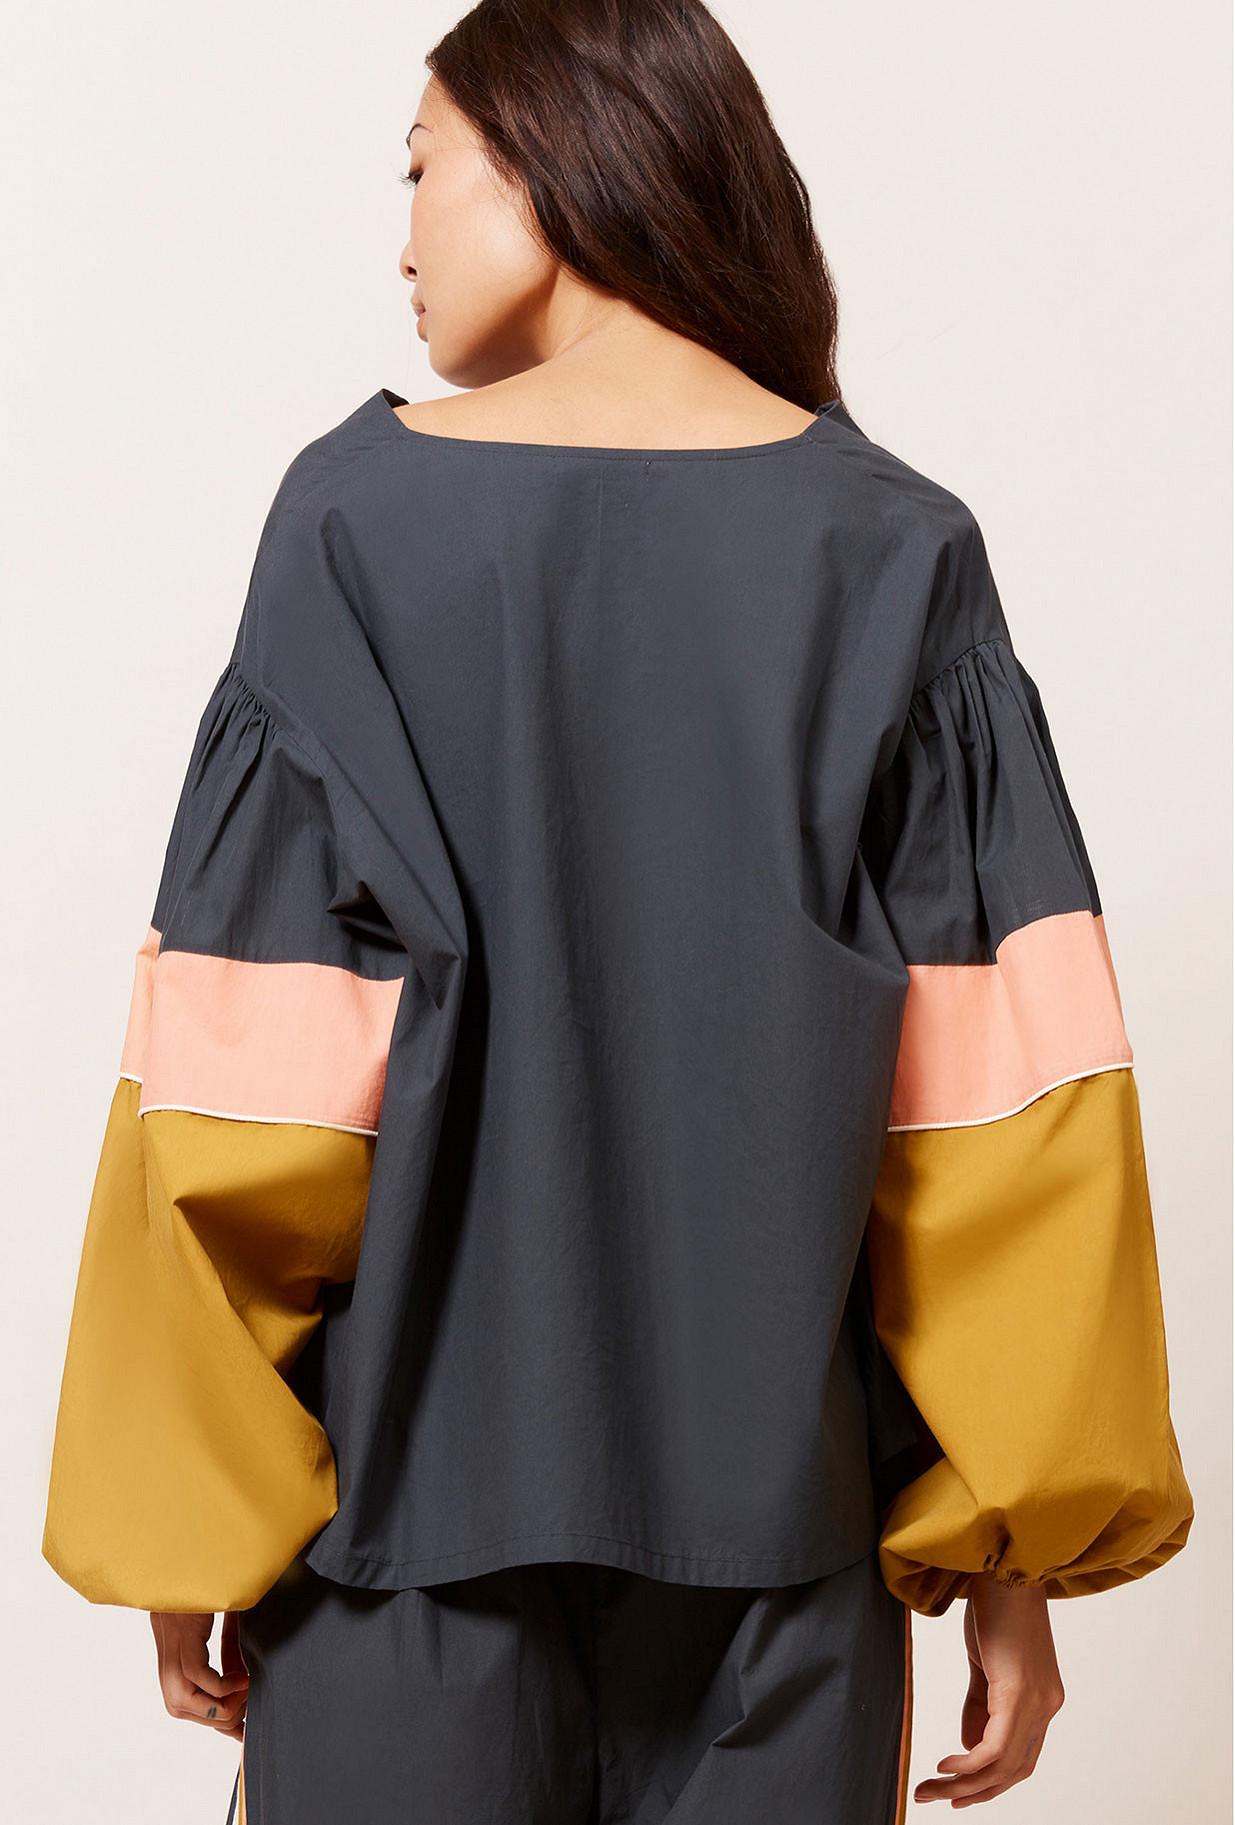 Blouse Noir  Priam mes demoiselles paris vêtement femme paris